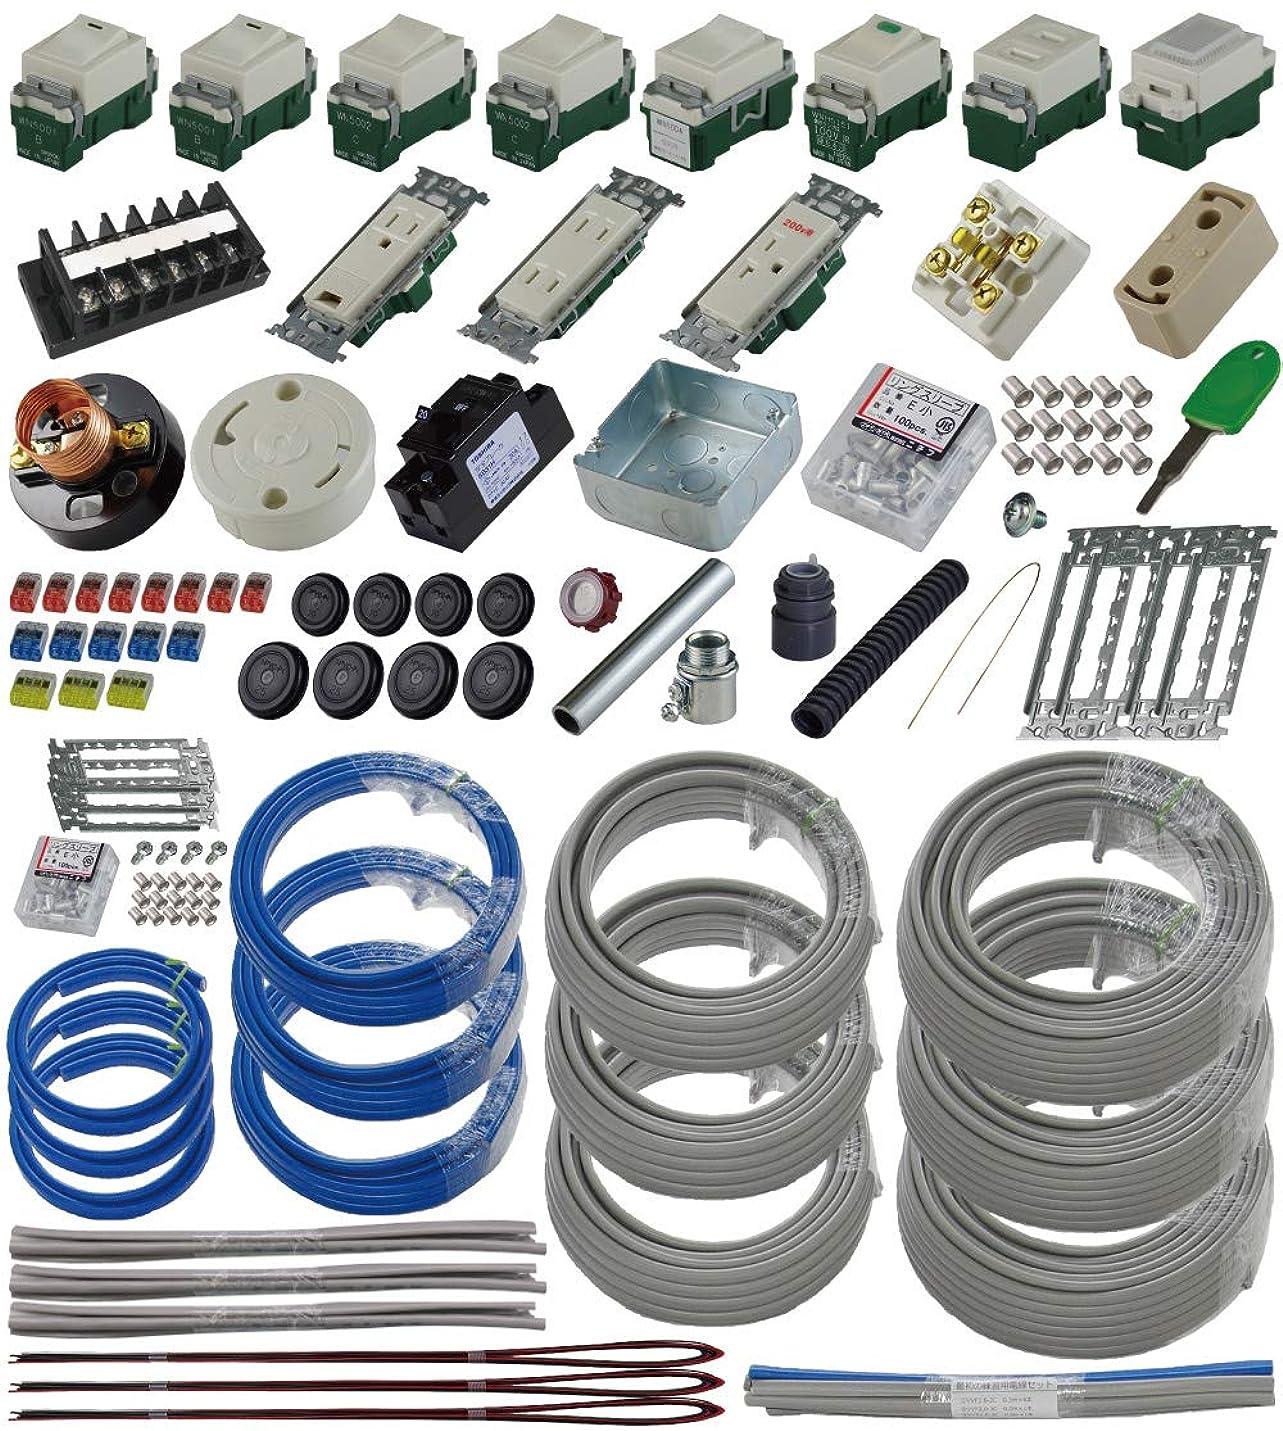 準備万端 (3回練習分) 第二種電気工事士技能試験練習用材料 「全13問分の器具?電線セット」